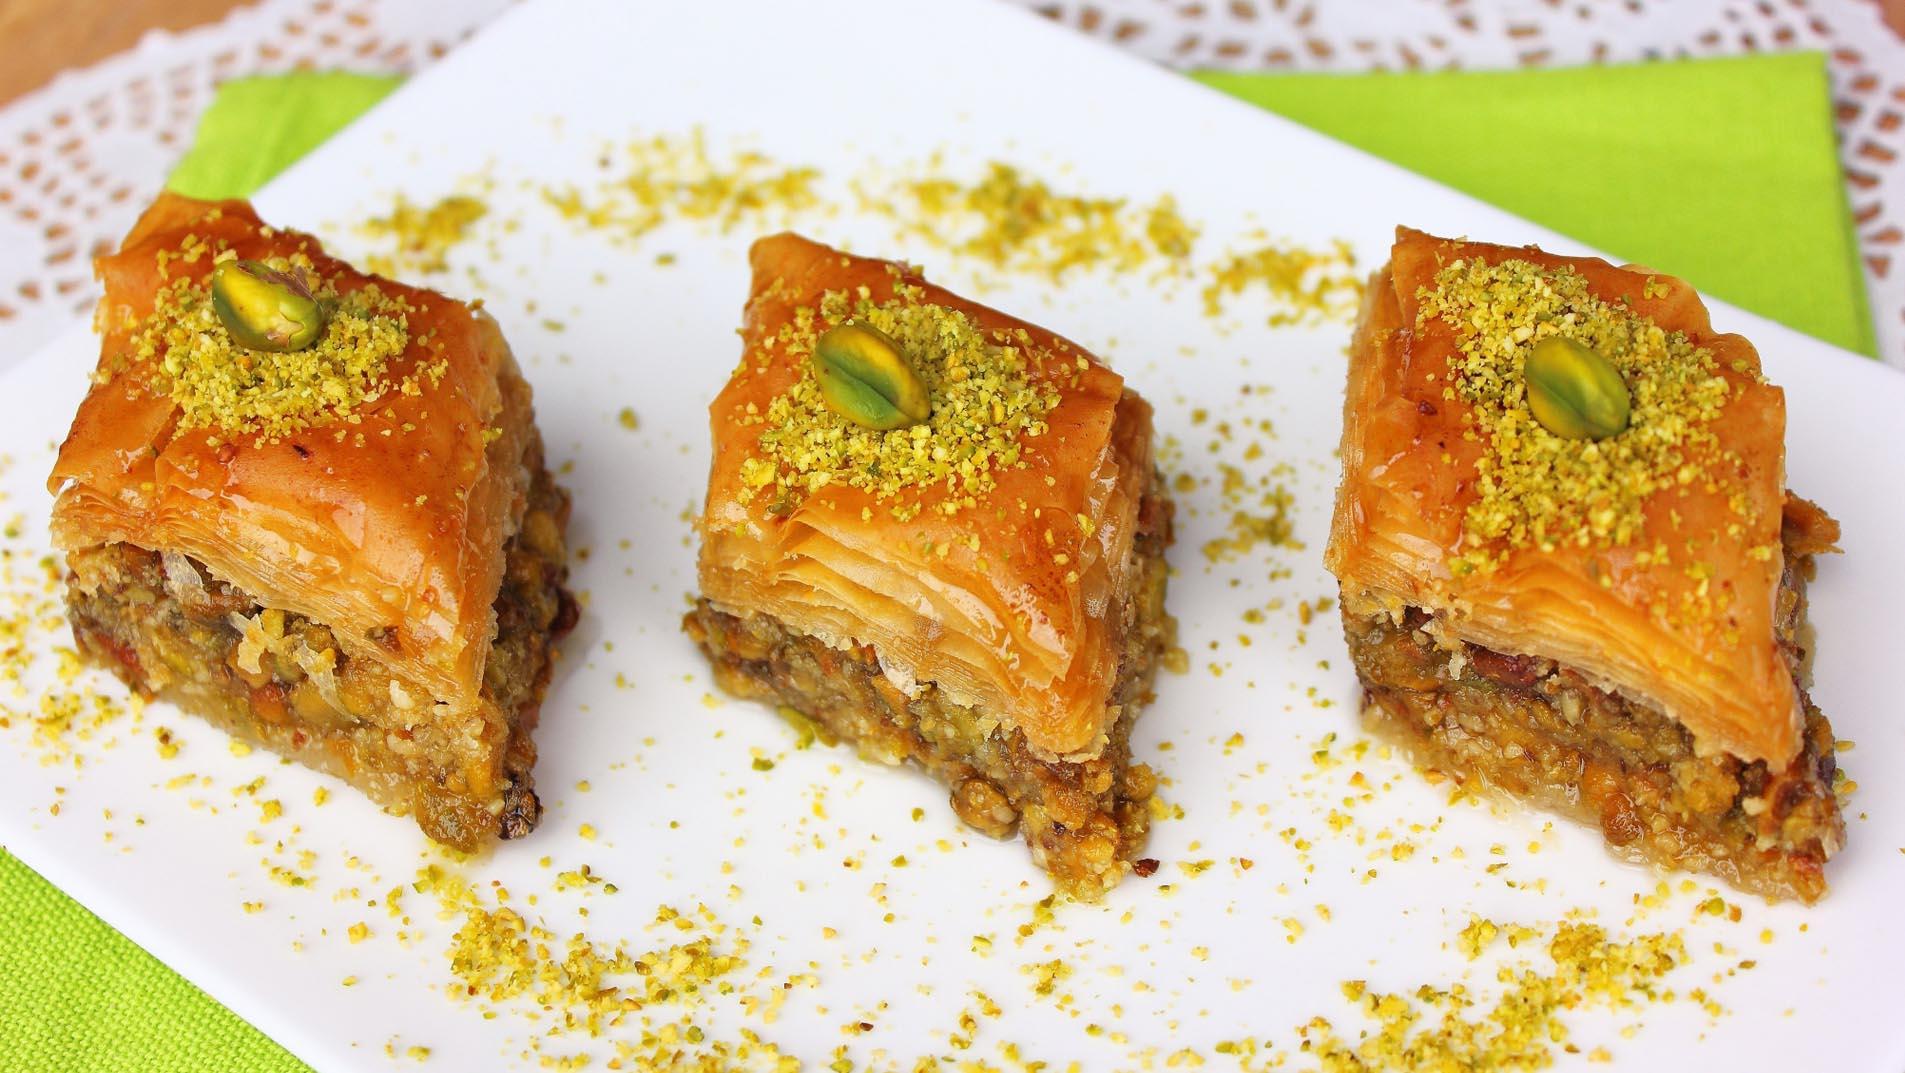 سوغات قزوین ، انتخاب از میان یک دنیا هنر و زیبایی